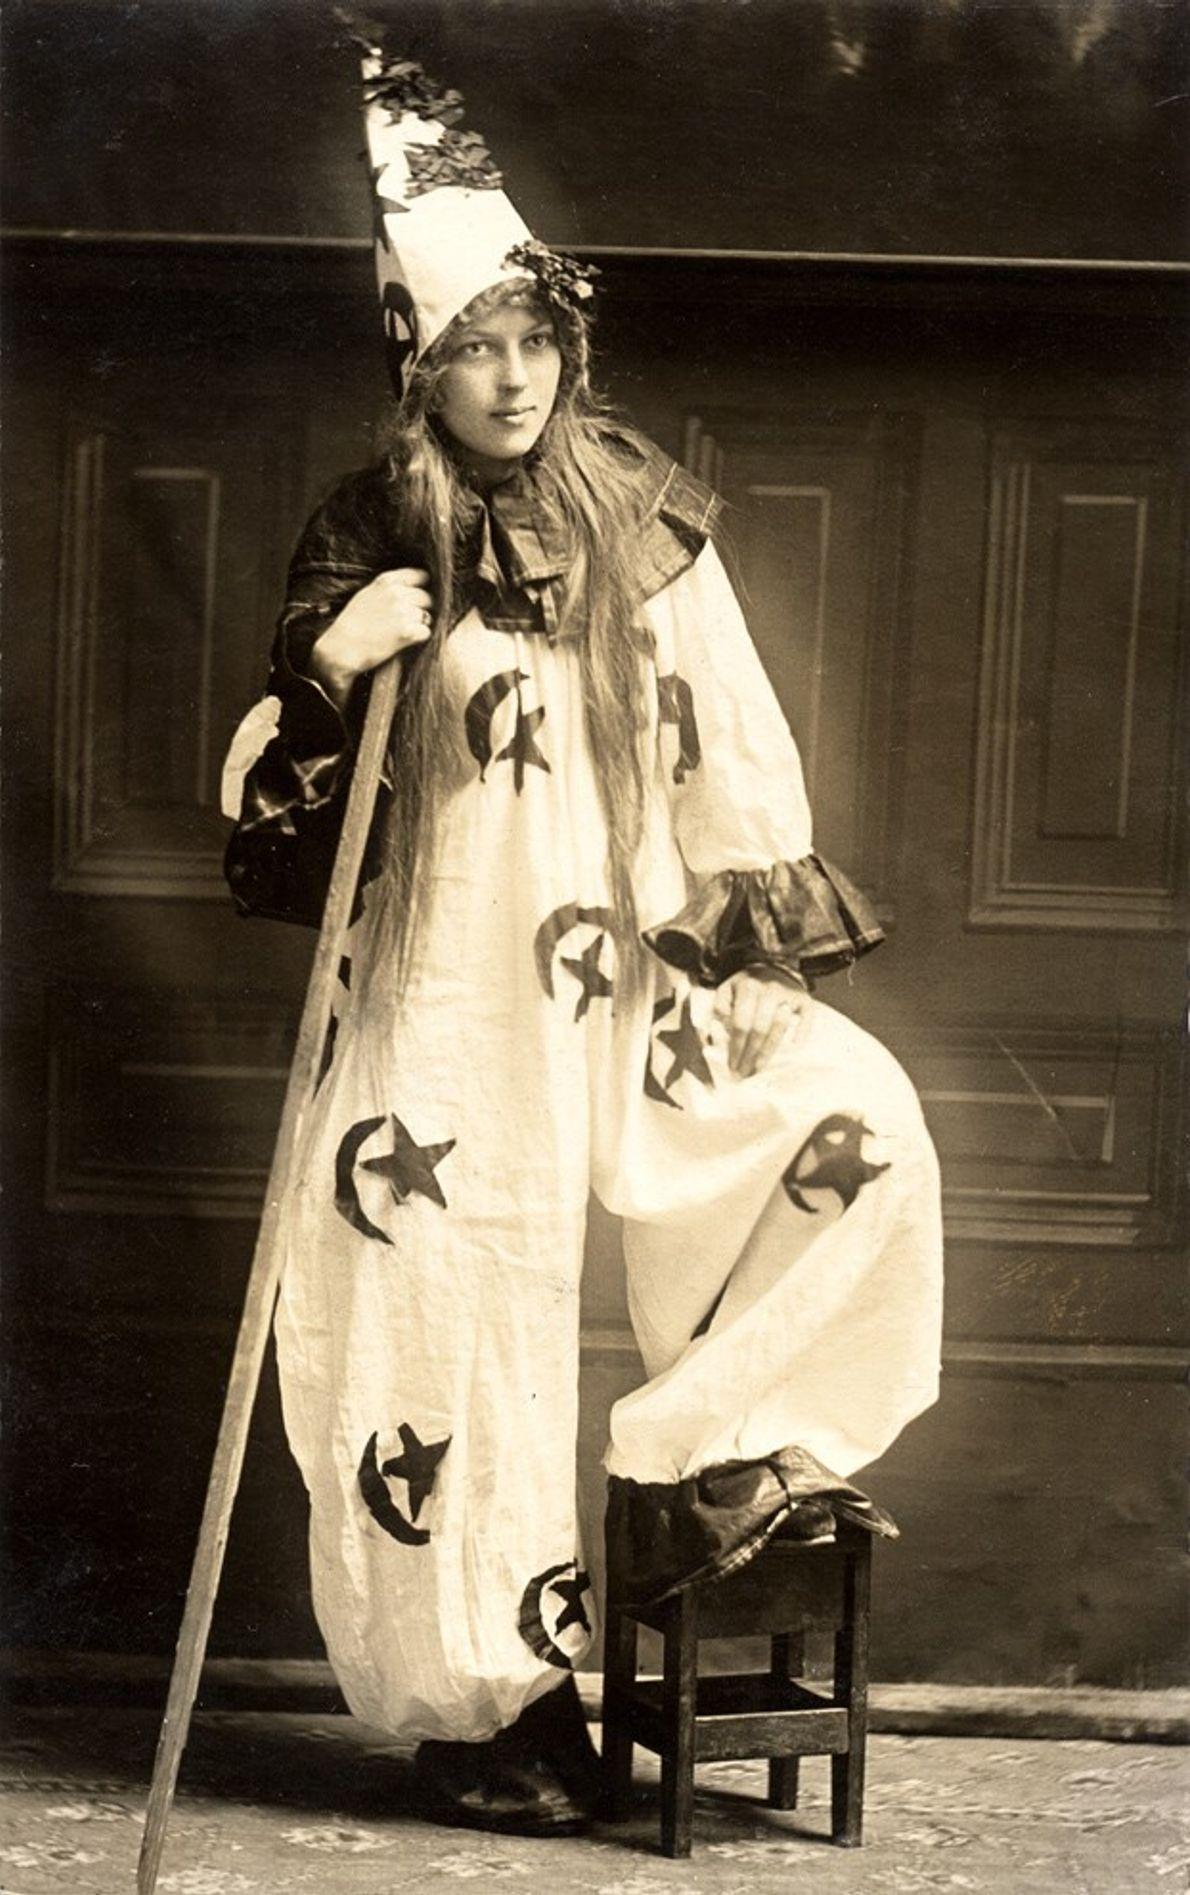 Possivelmente imitando uma bruxa, um feiticeiro ou um palhaço, a fantasia de Halloween dessa mulher em 1910 traz vários ...